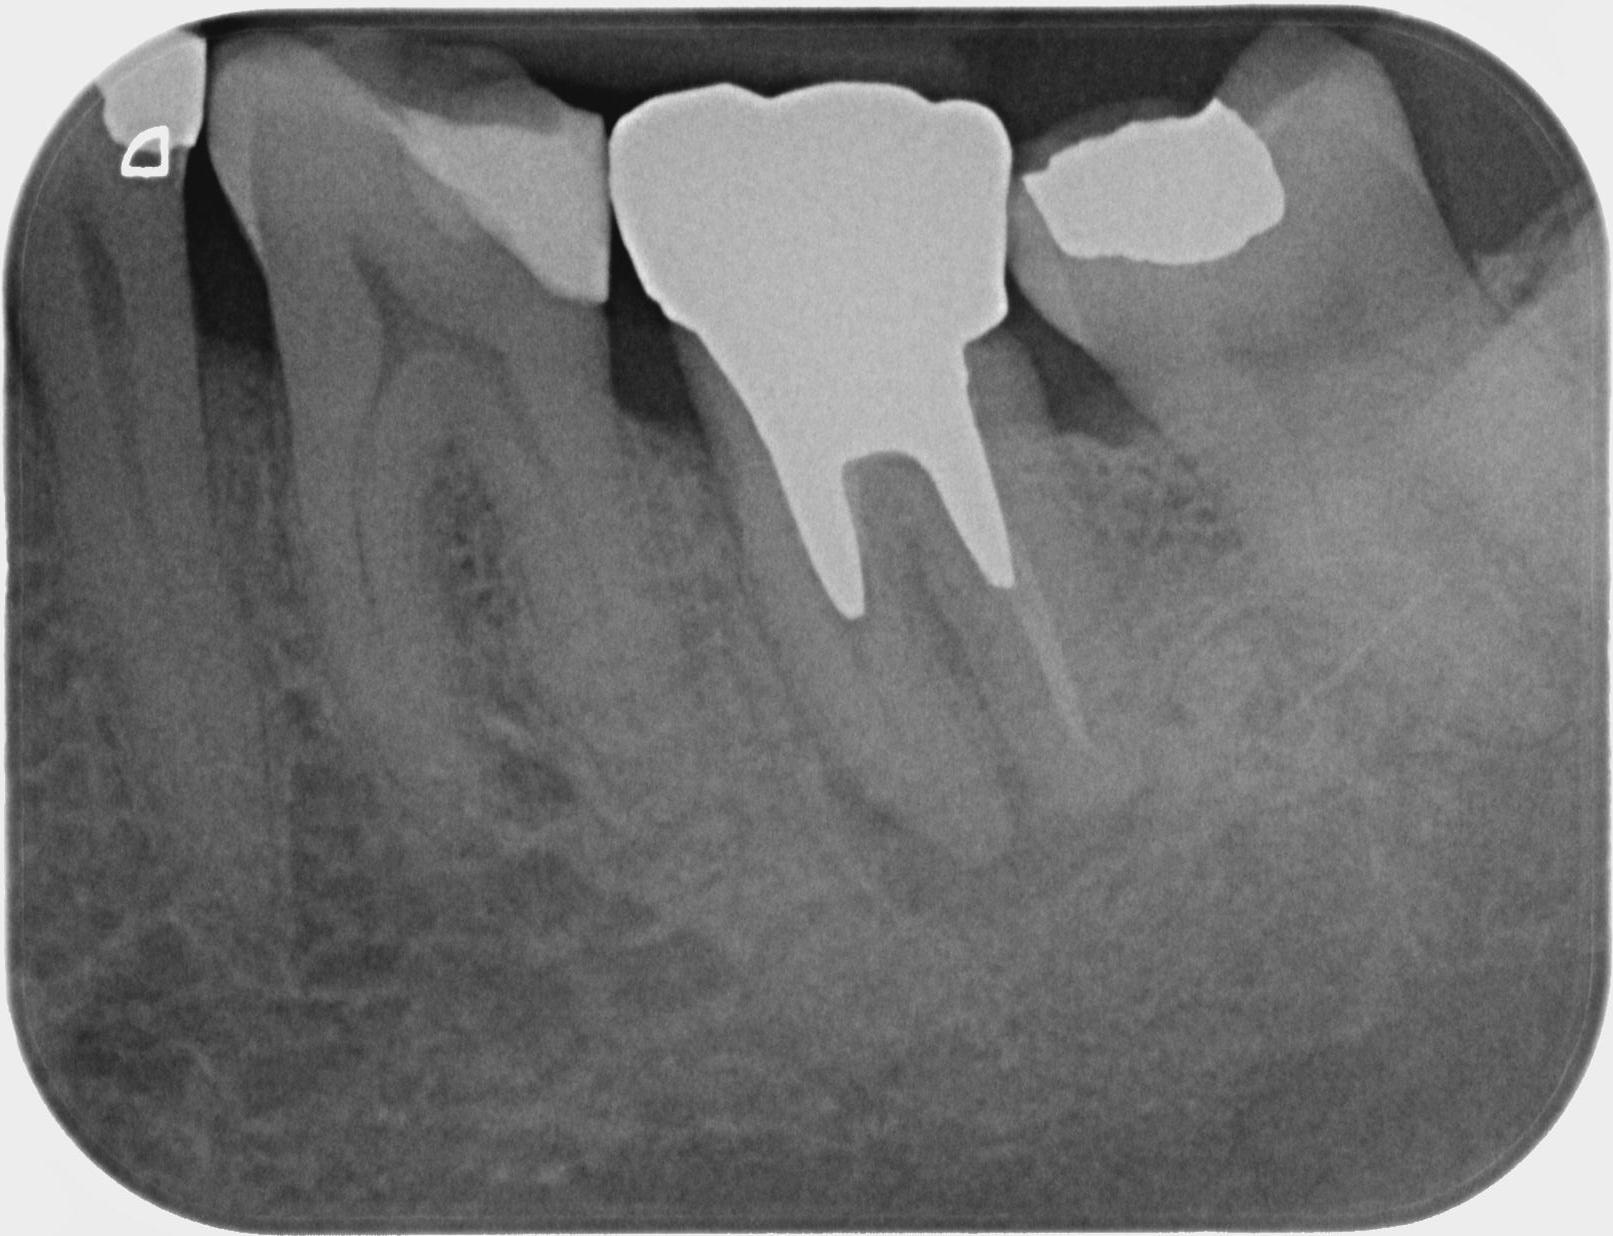 Ritrattamento endodontico complesso di molare inferiore con granuloma periapicale